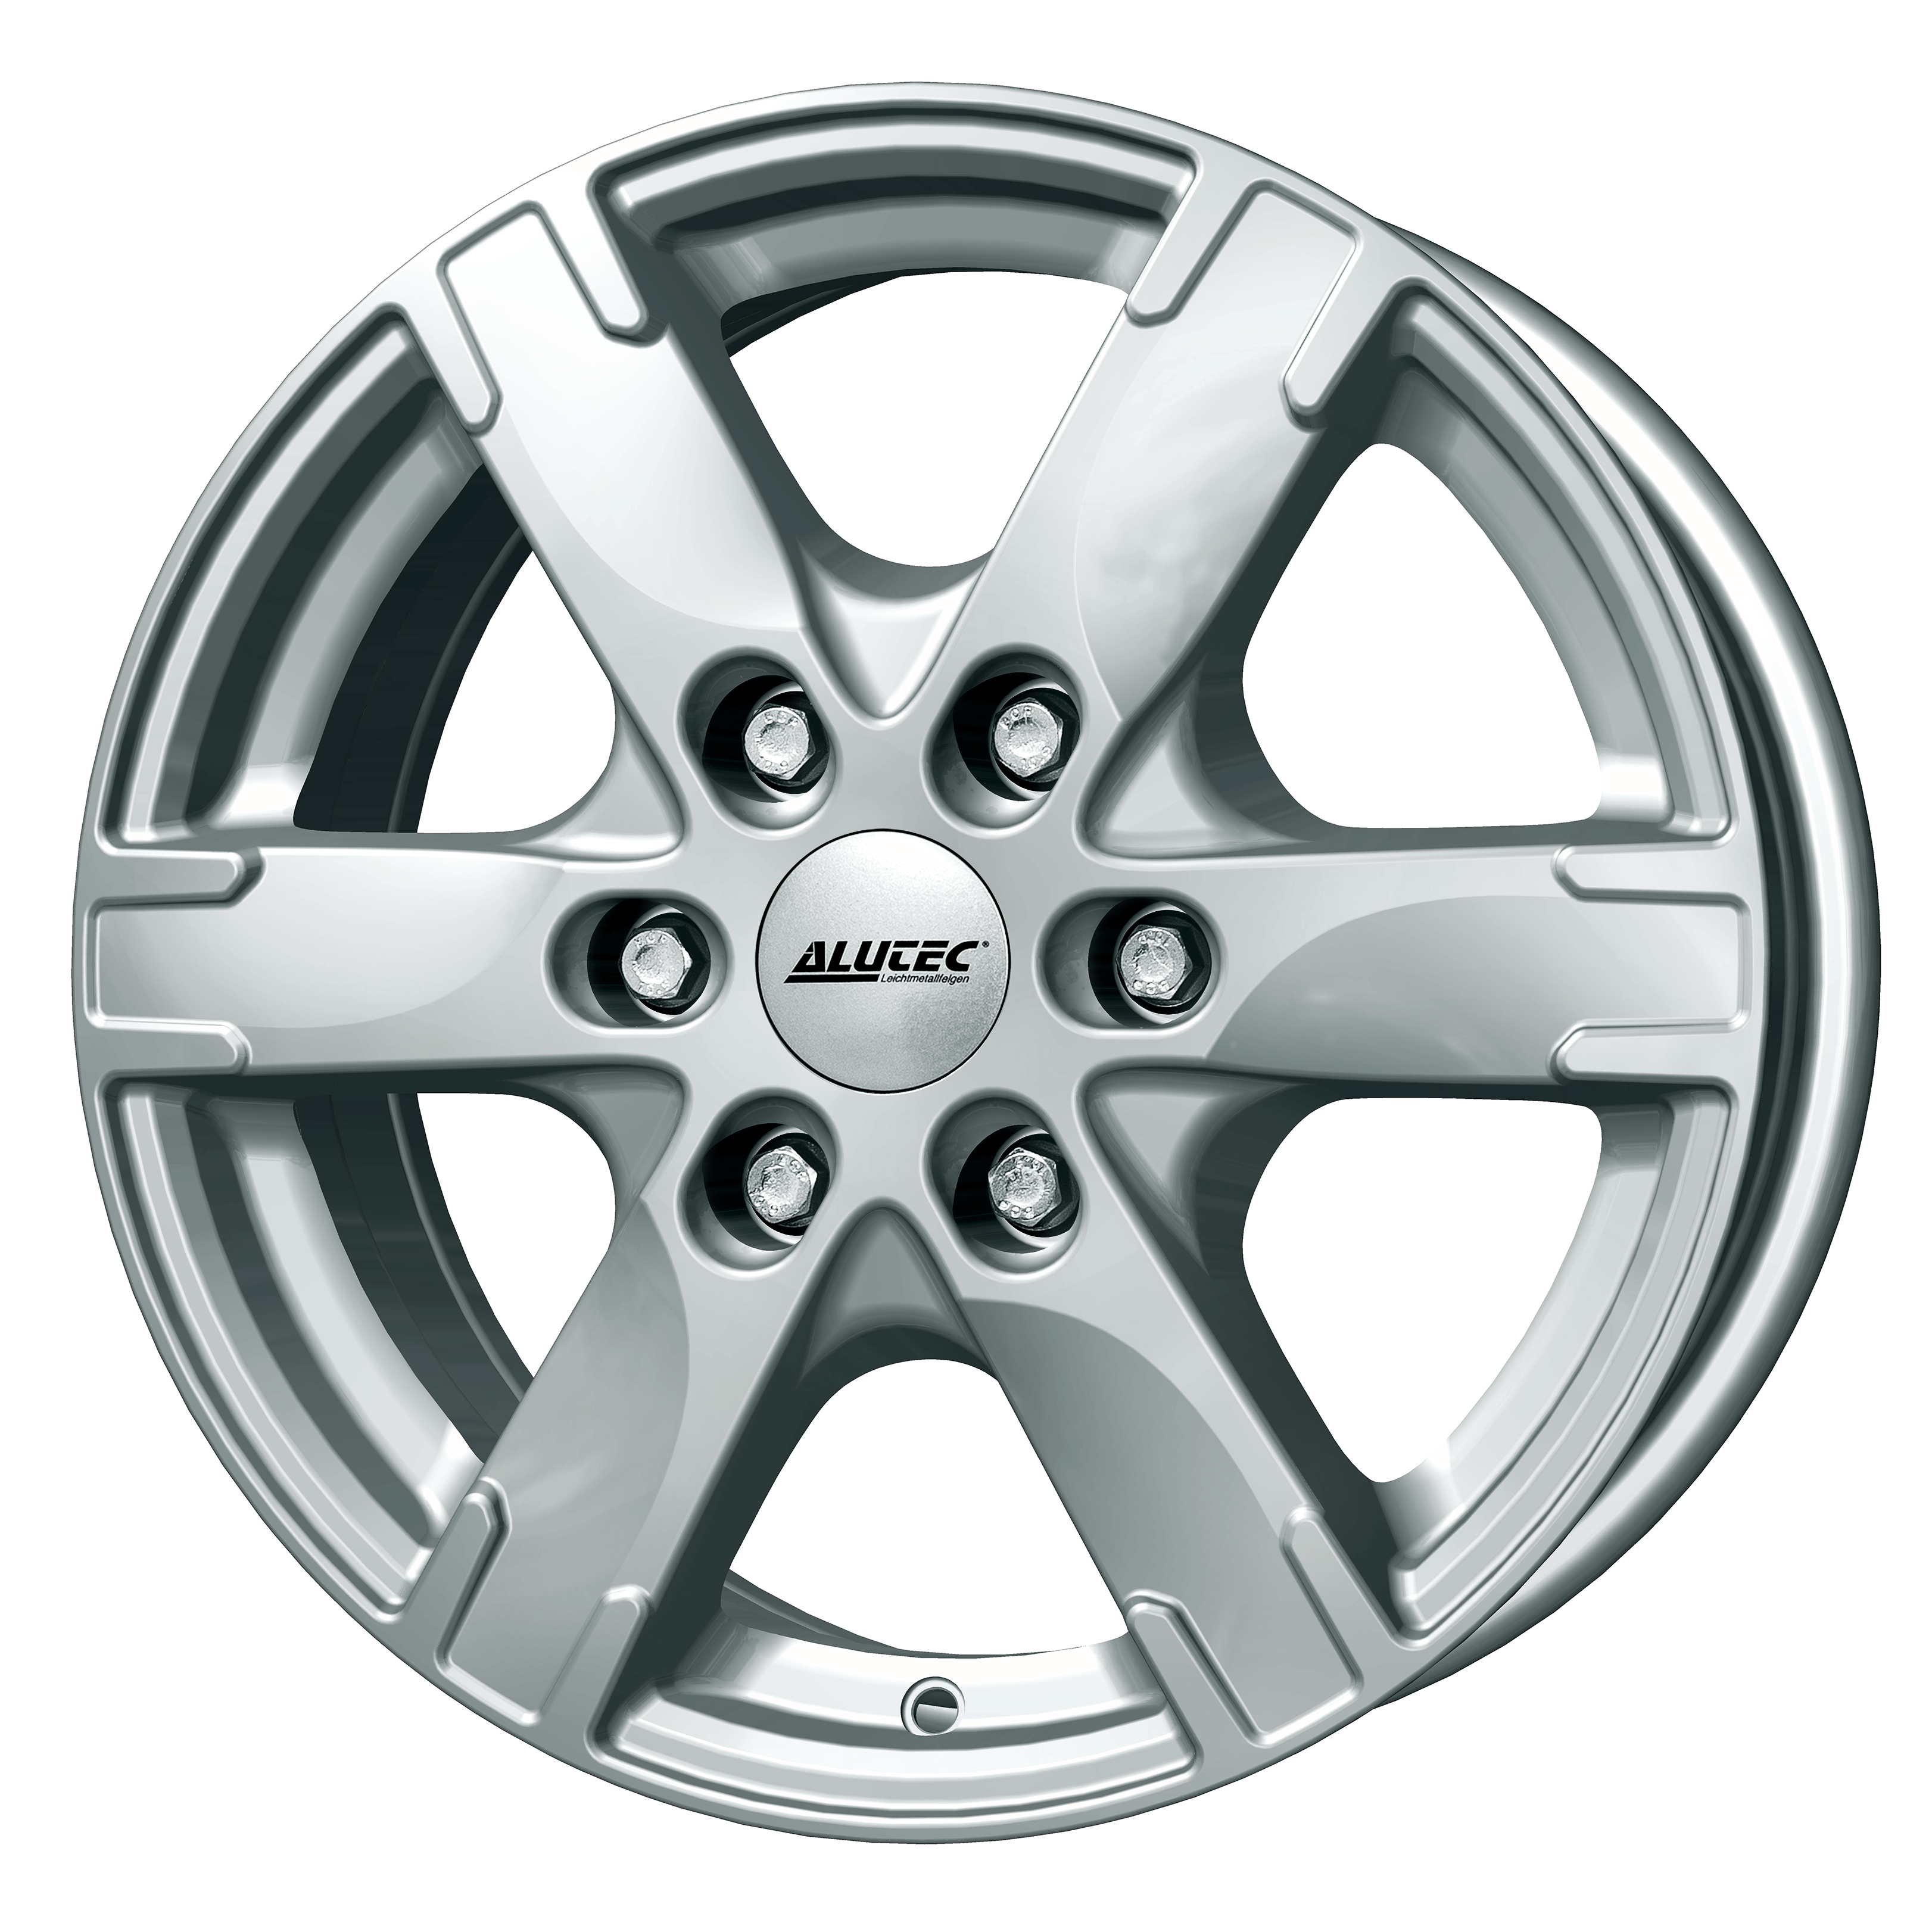 Alutec - Titan (Polar Silver)